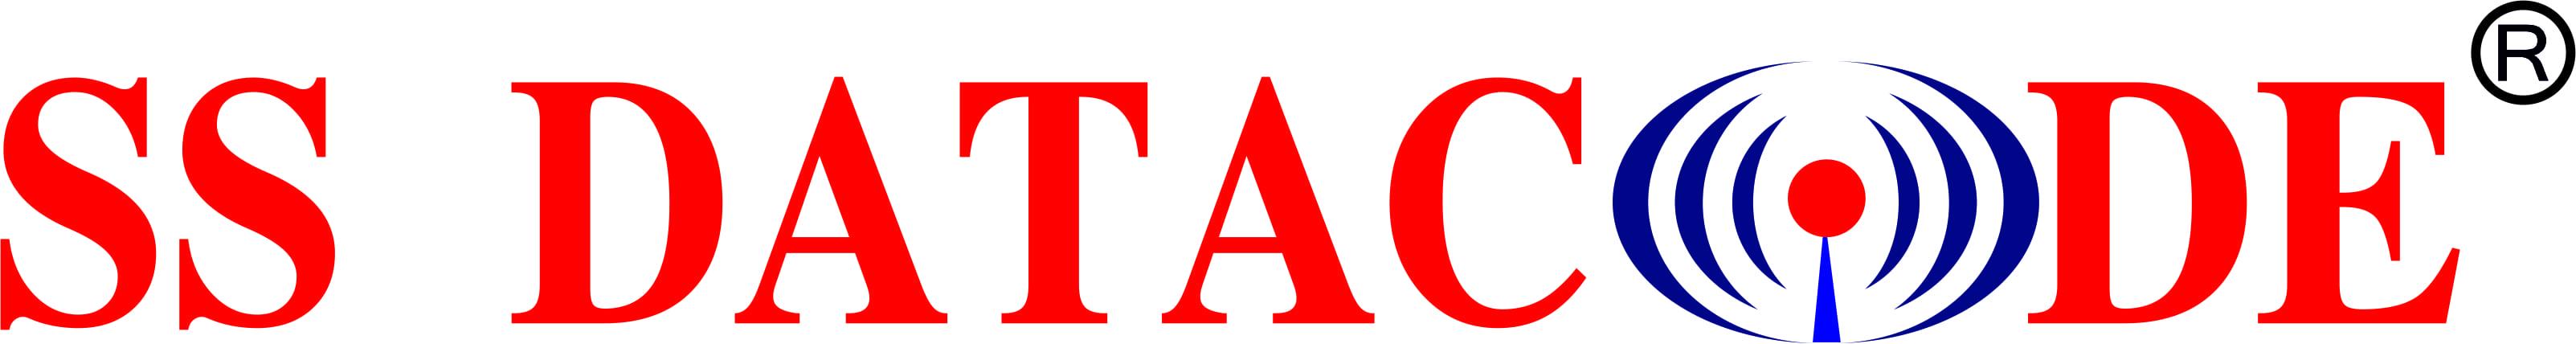 SS Datacode Logo